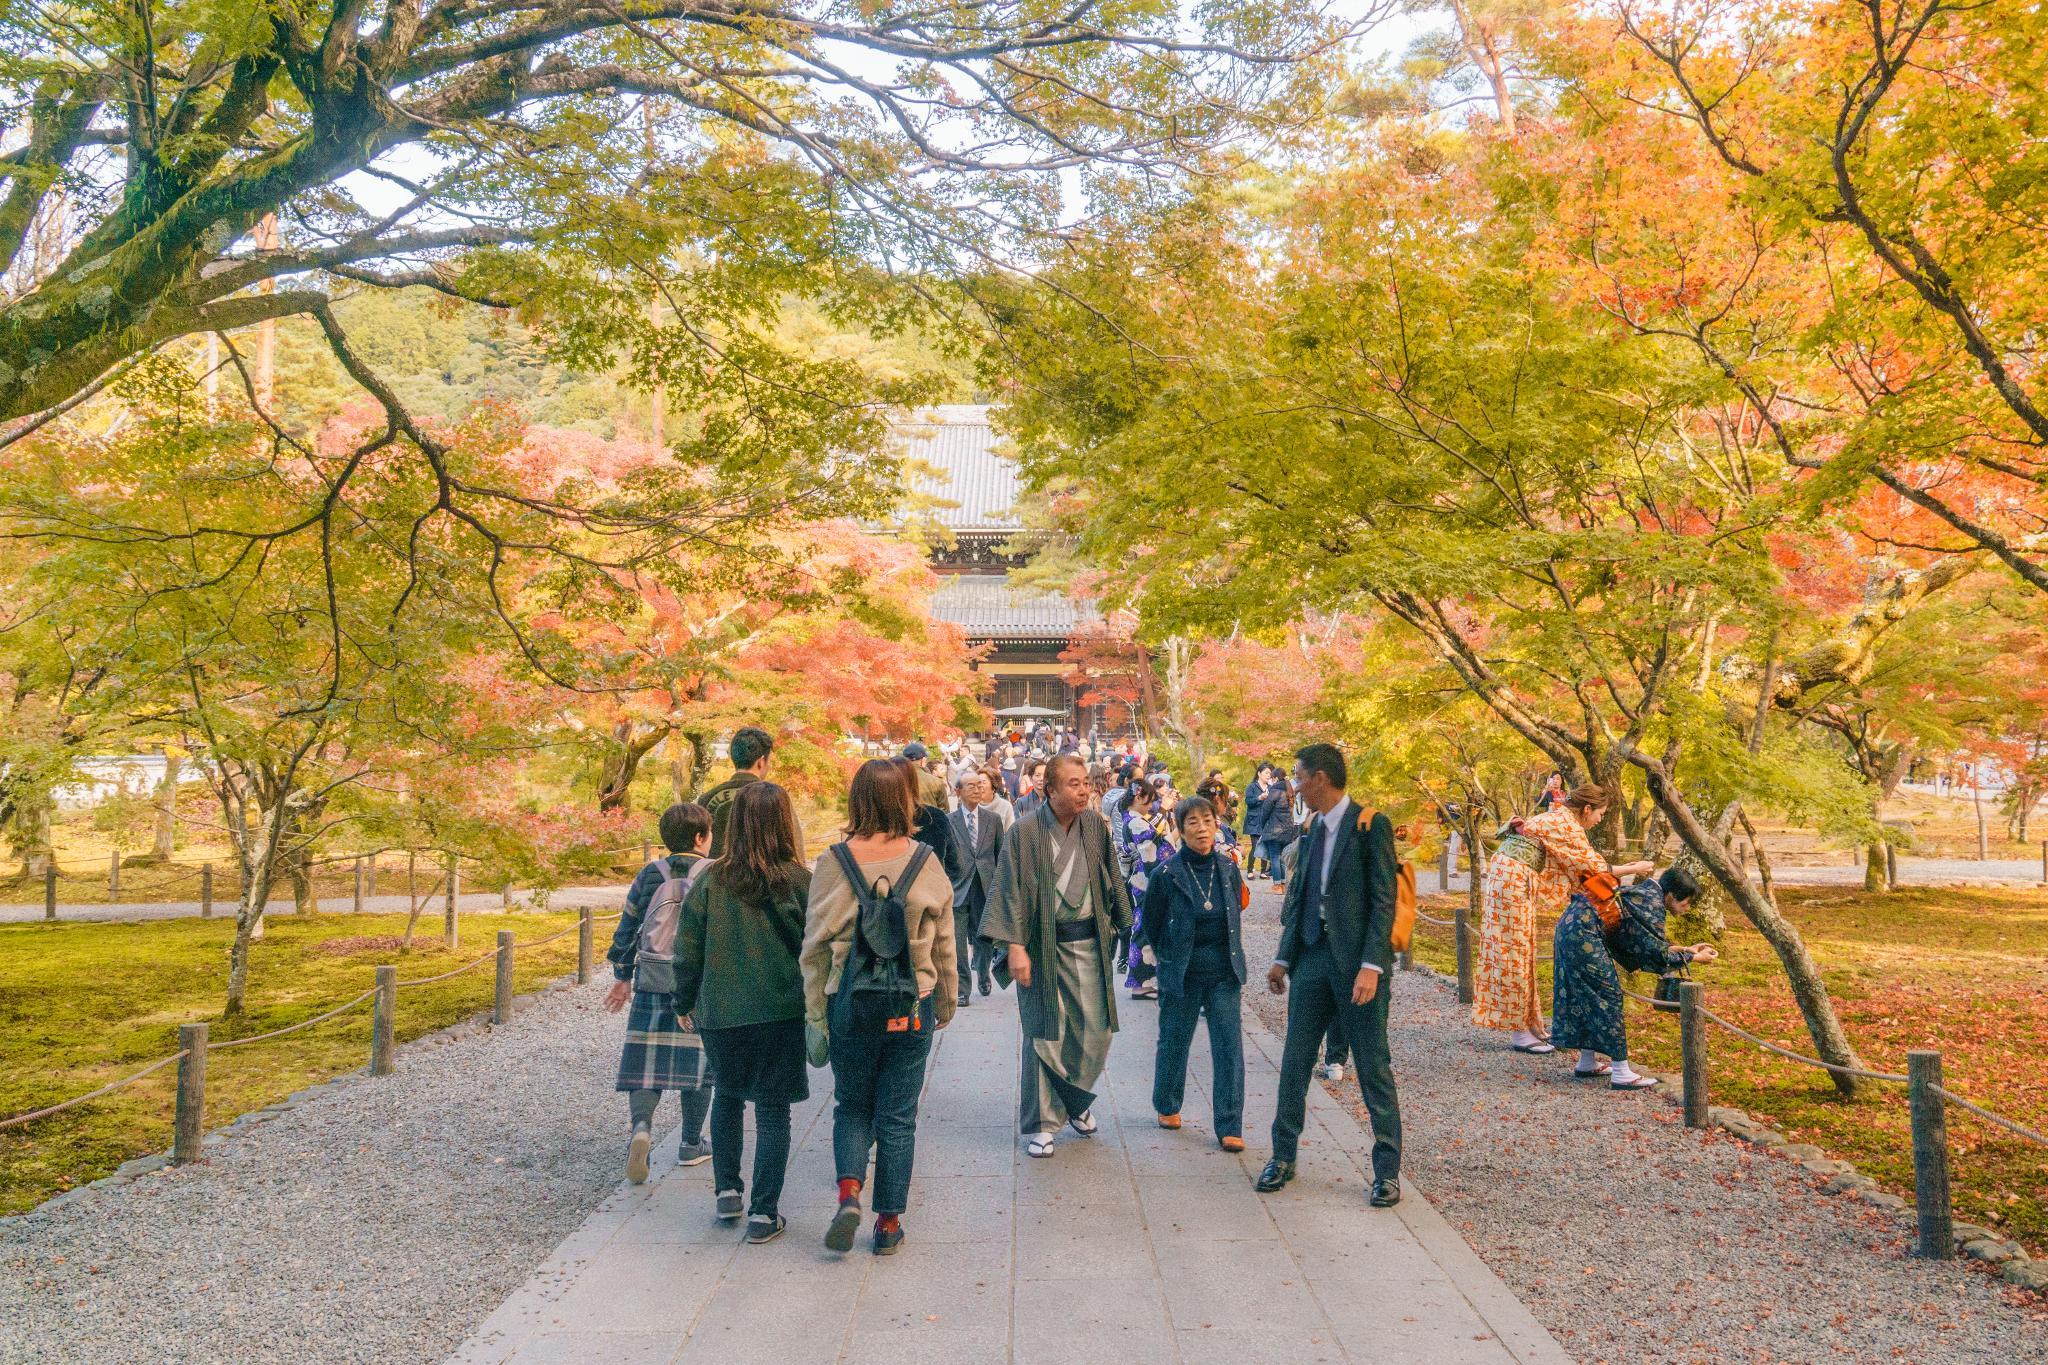 【京都】秋光葉影的古寺散策 - 南禪寺 81